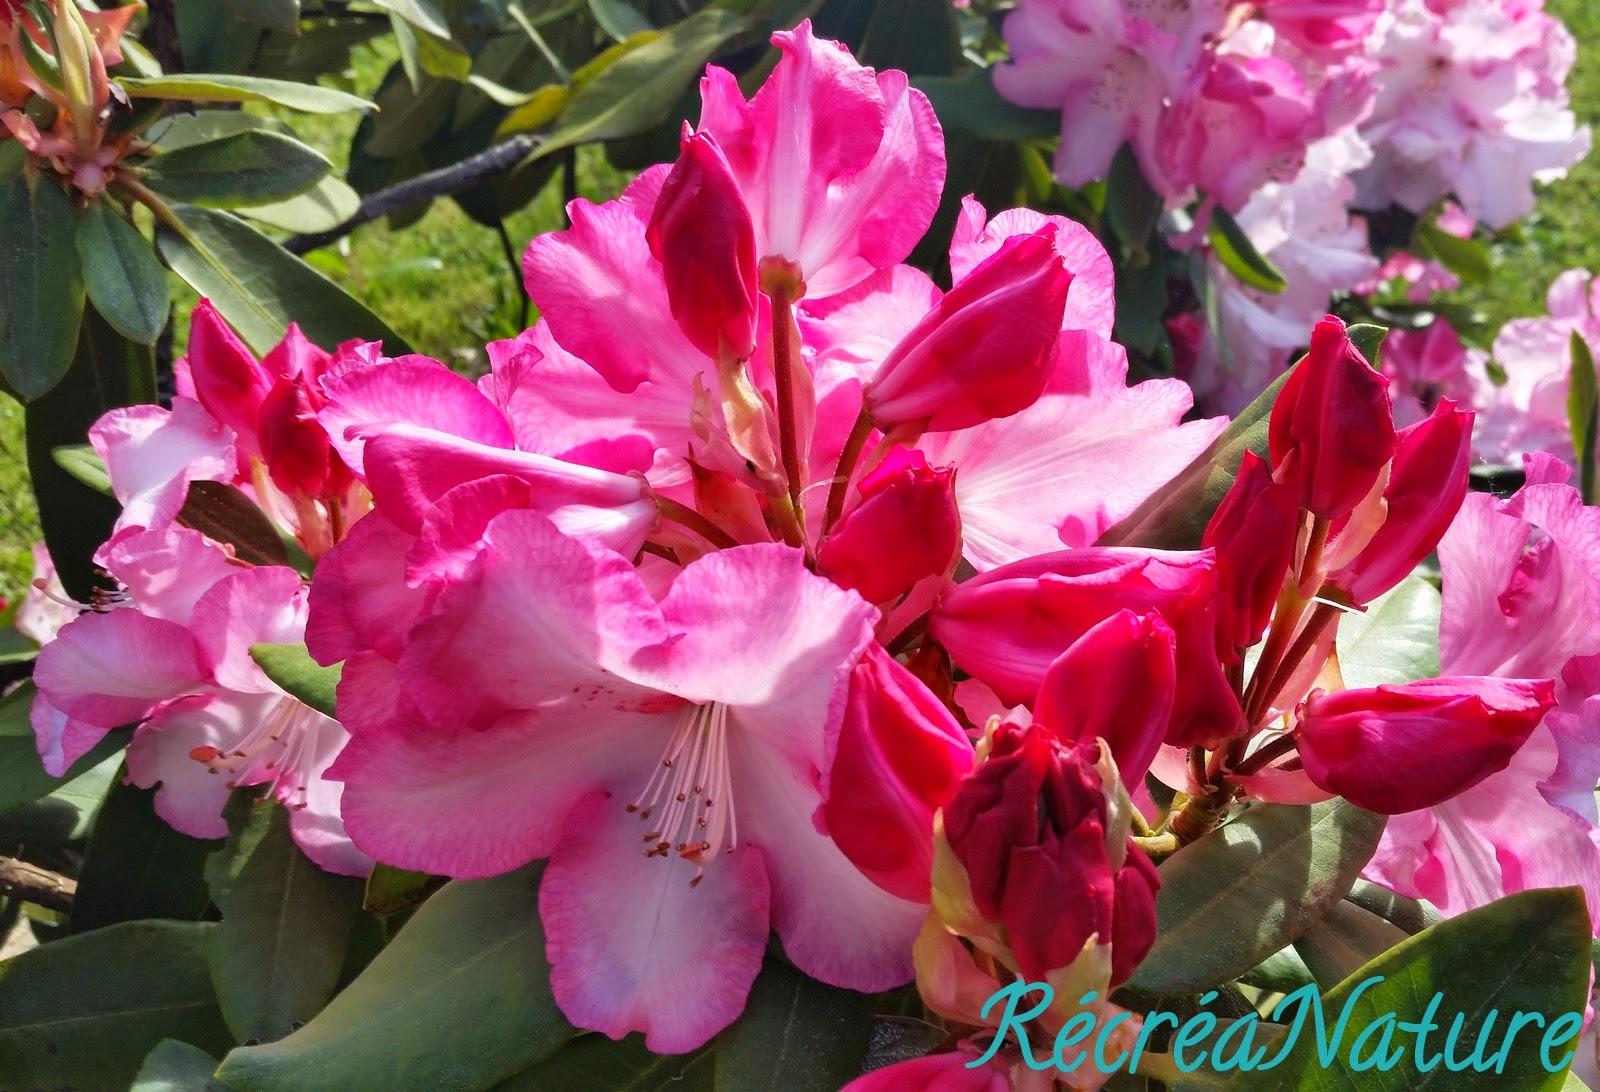 Mon Jardin en Mai #1 : Fleur de Rhododendron Rose